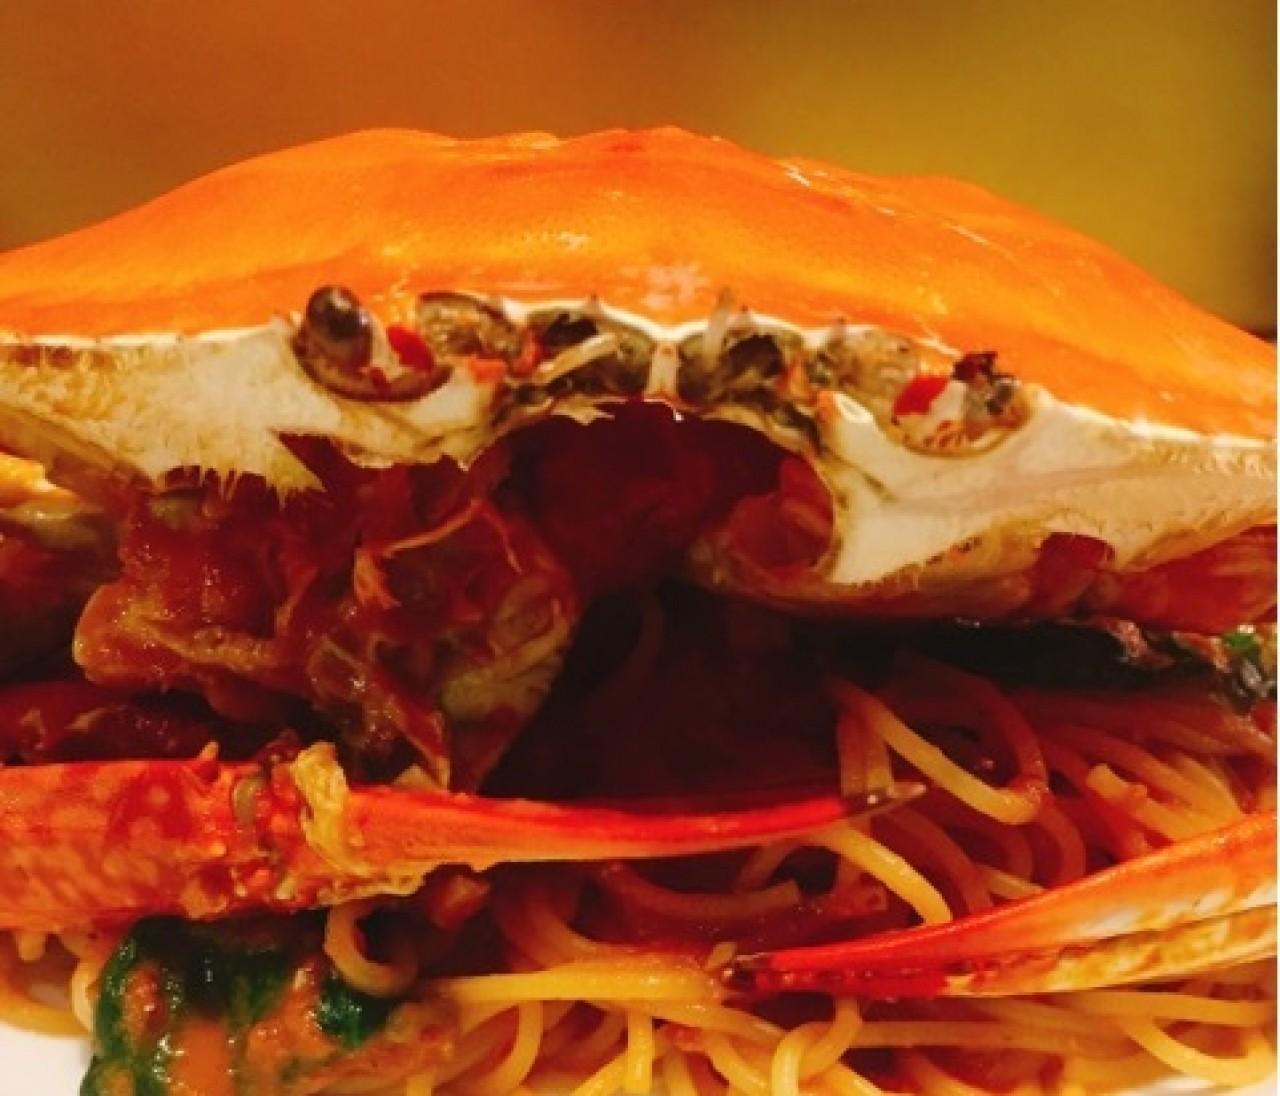 あれ…?パスタの具と目があった…? 築地の穴場イタリアンの、さすが!な海鮮パスタ